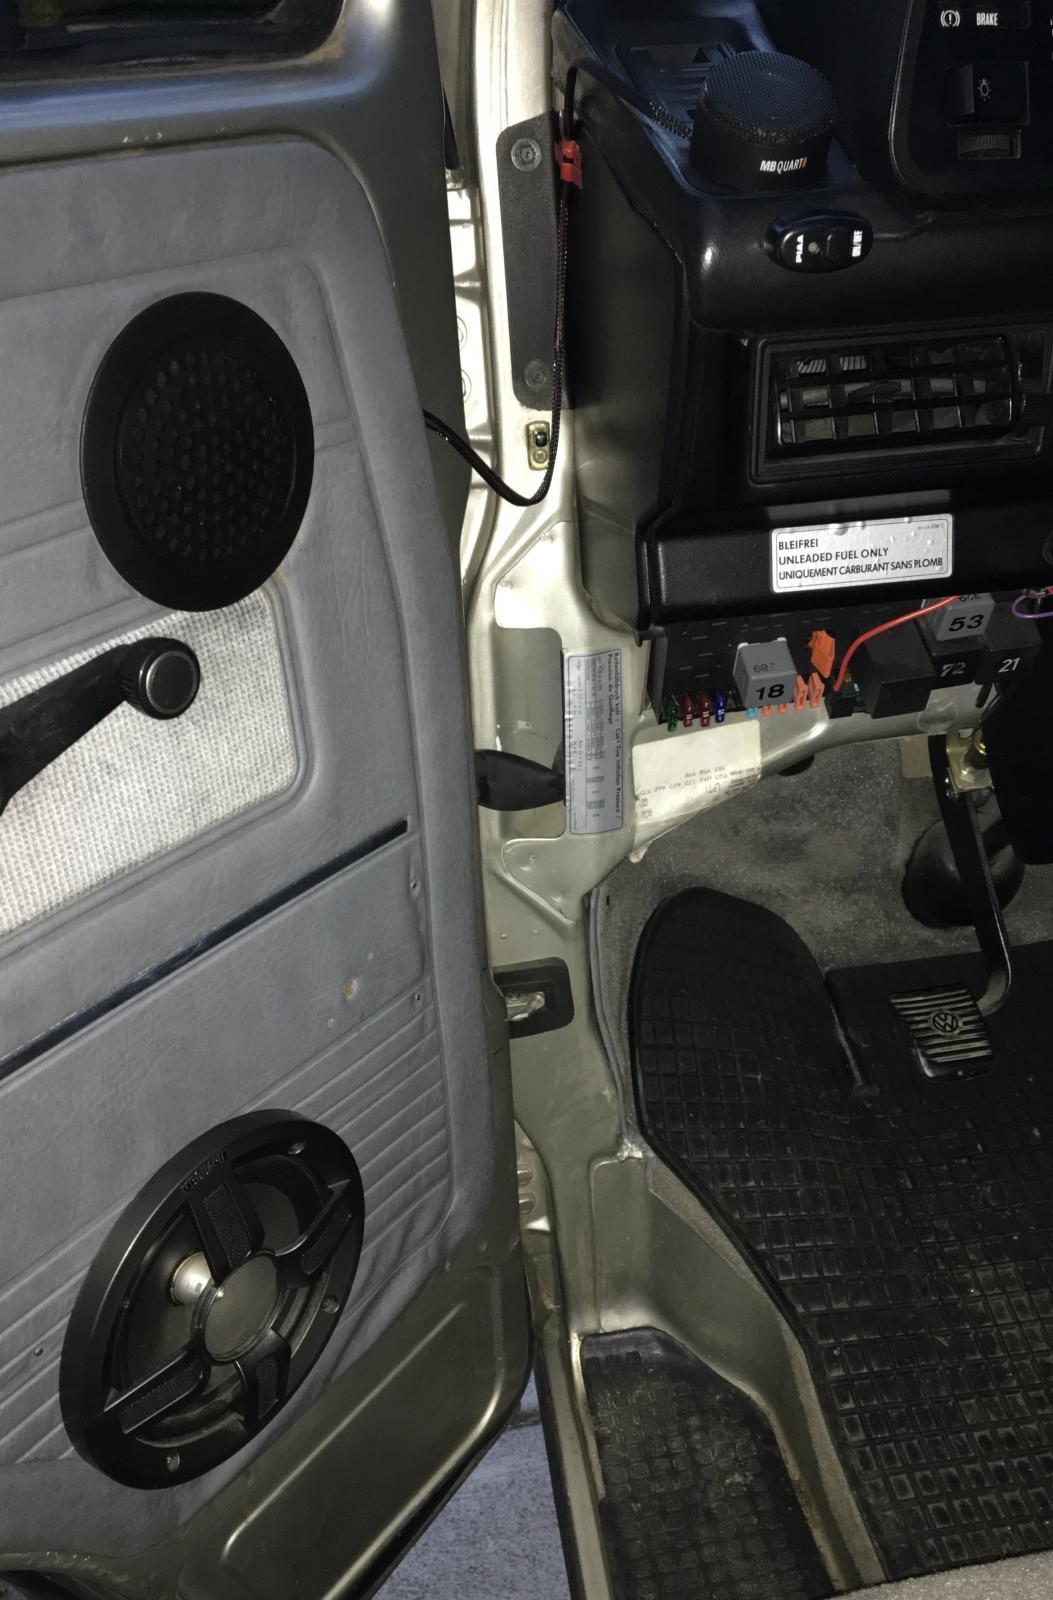 Mb quart speakers vanagon